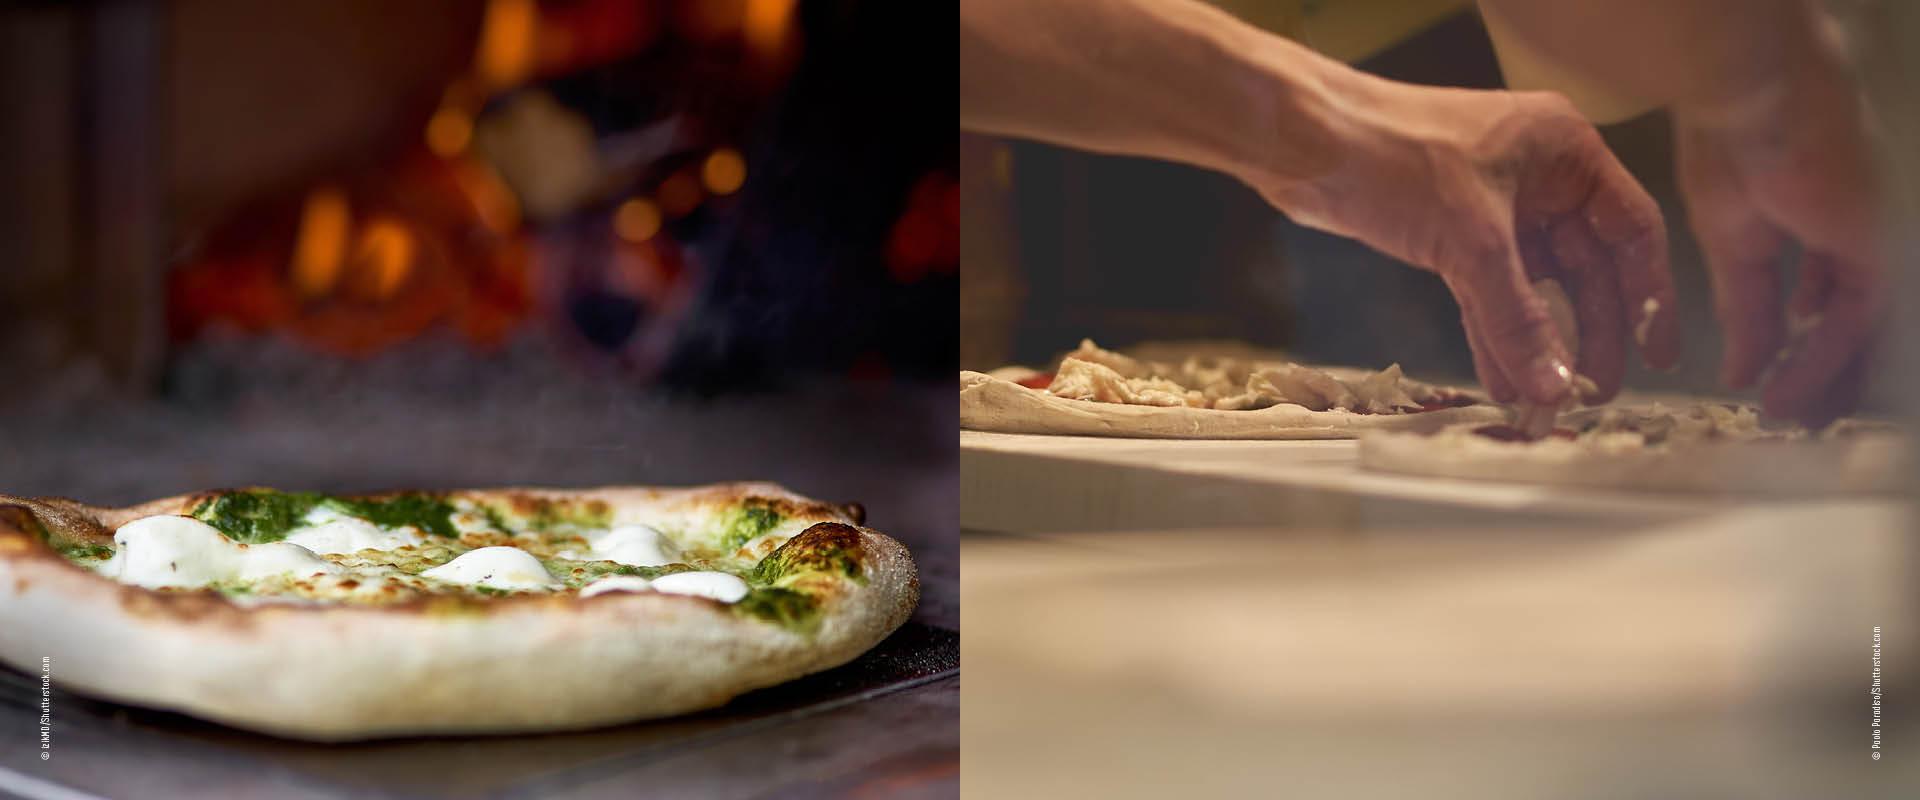 Pinsa und Pizza